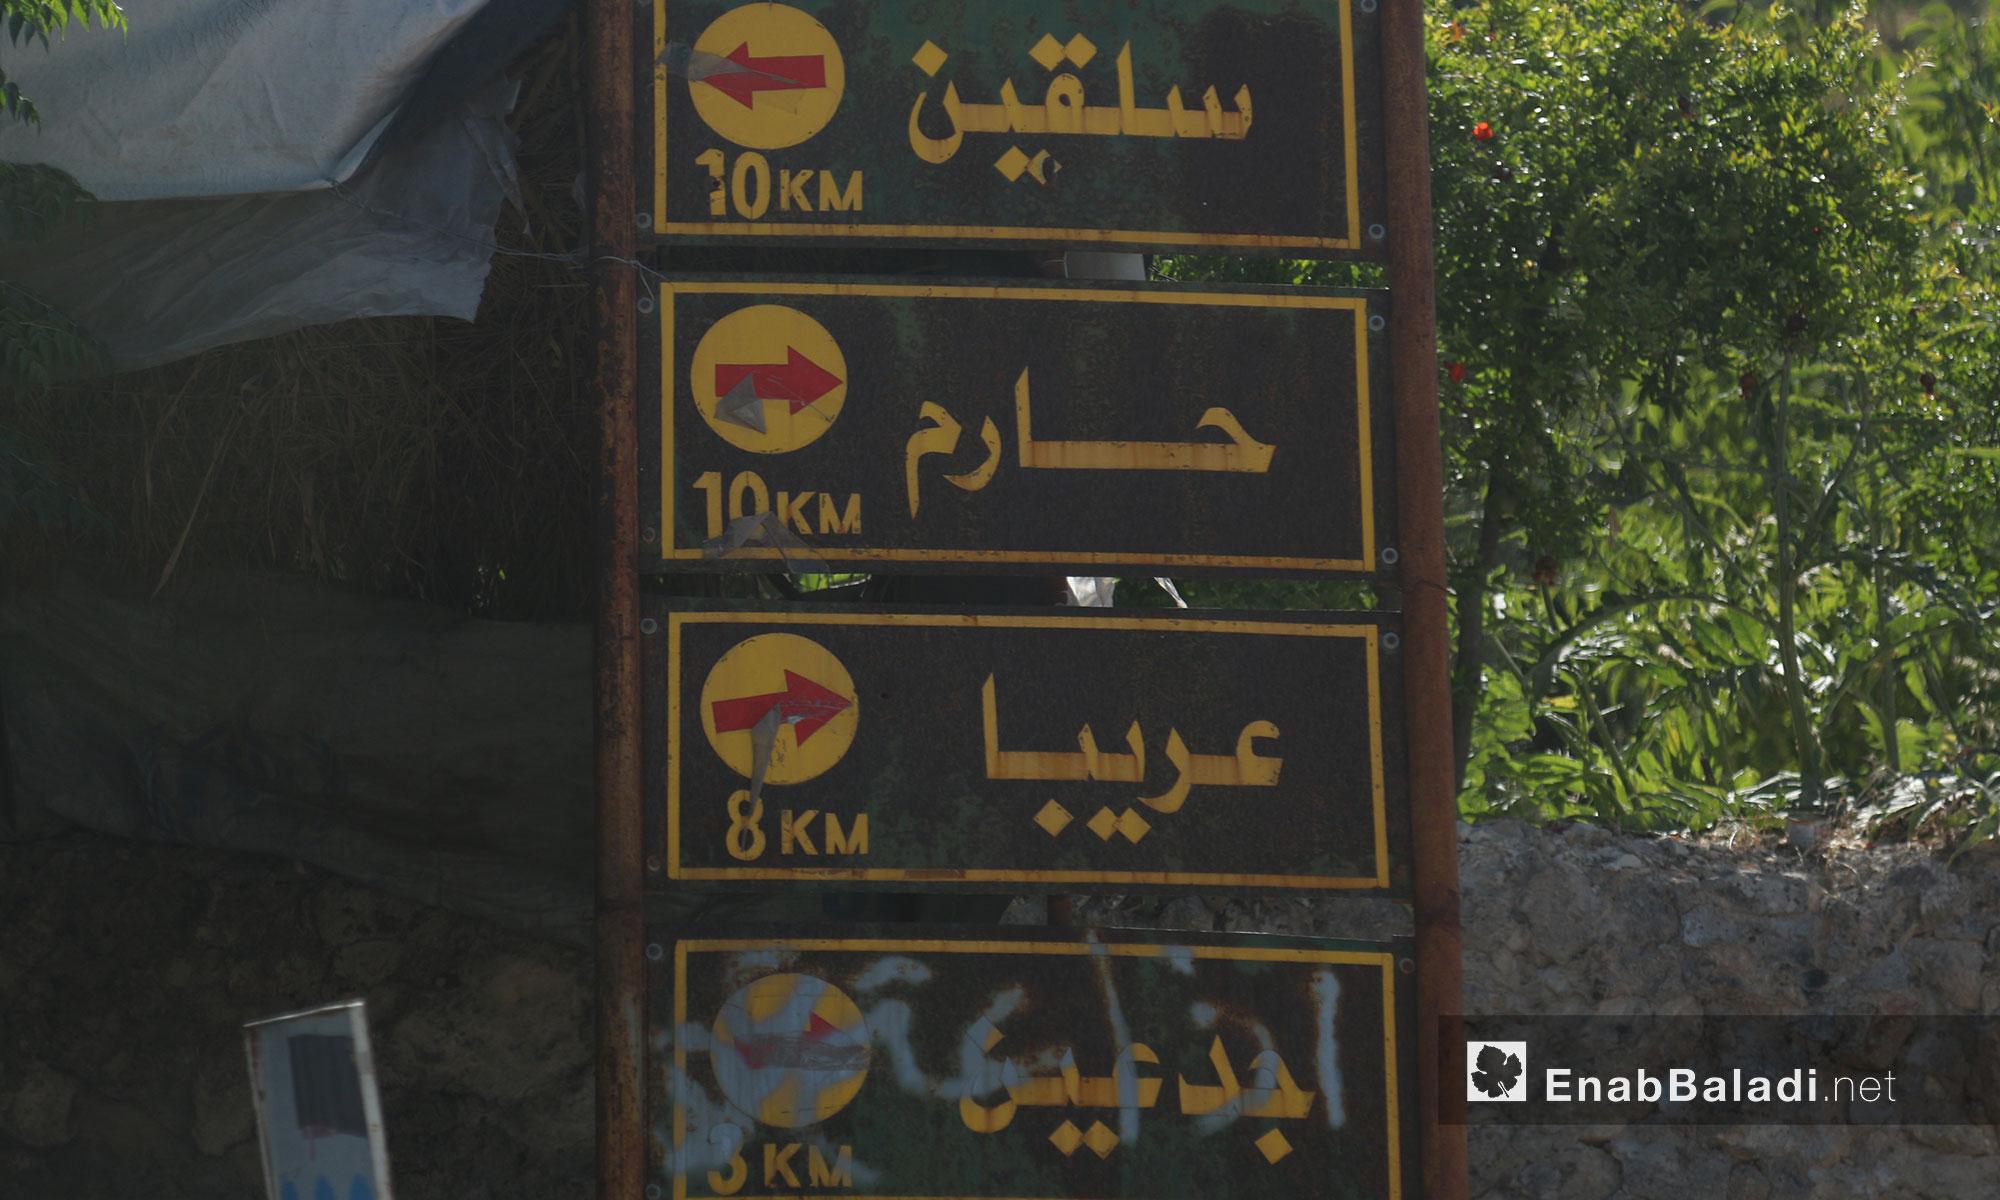 لافتة طرقية تدل اتجاهات بلدات ريف إدلب الغربي - 21 حزيران 2017 (عنب بلدي)